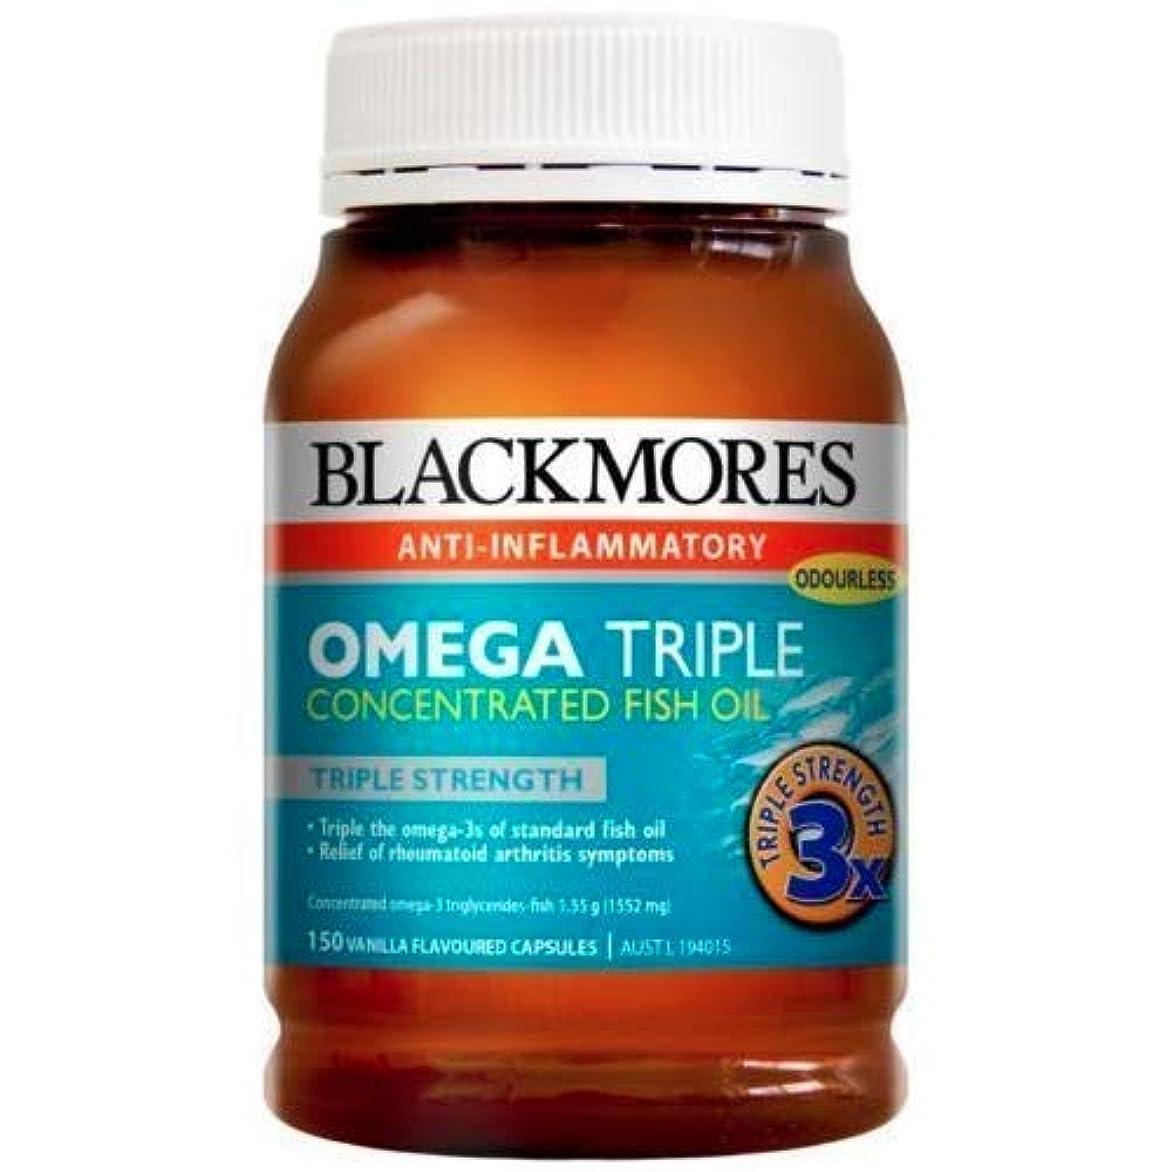 チーズ先見の明防衛Blackmores オメガトリプル 濃縮フィッシュオイル 150カプセル [豪州直送品] [並行輸入品]